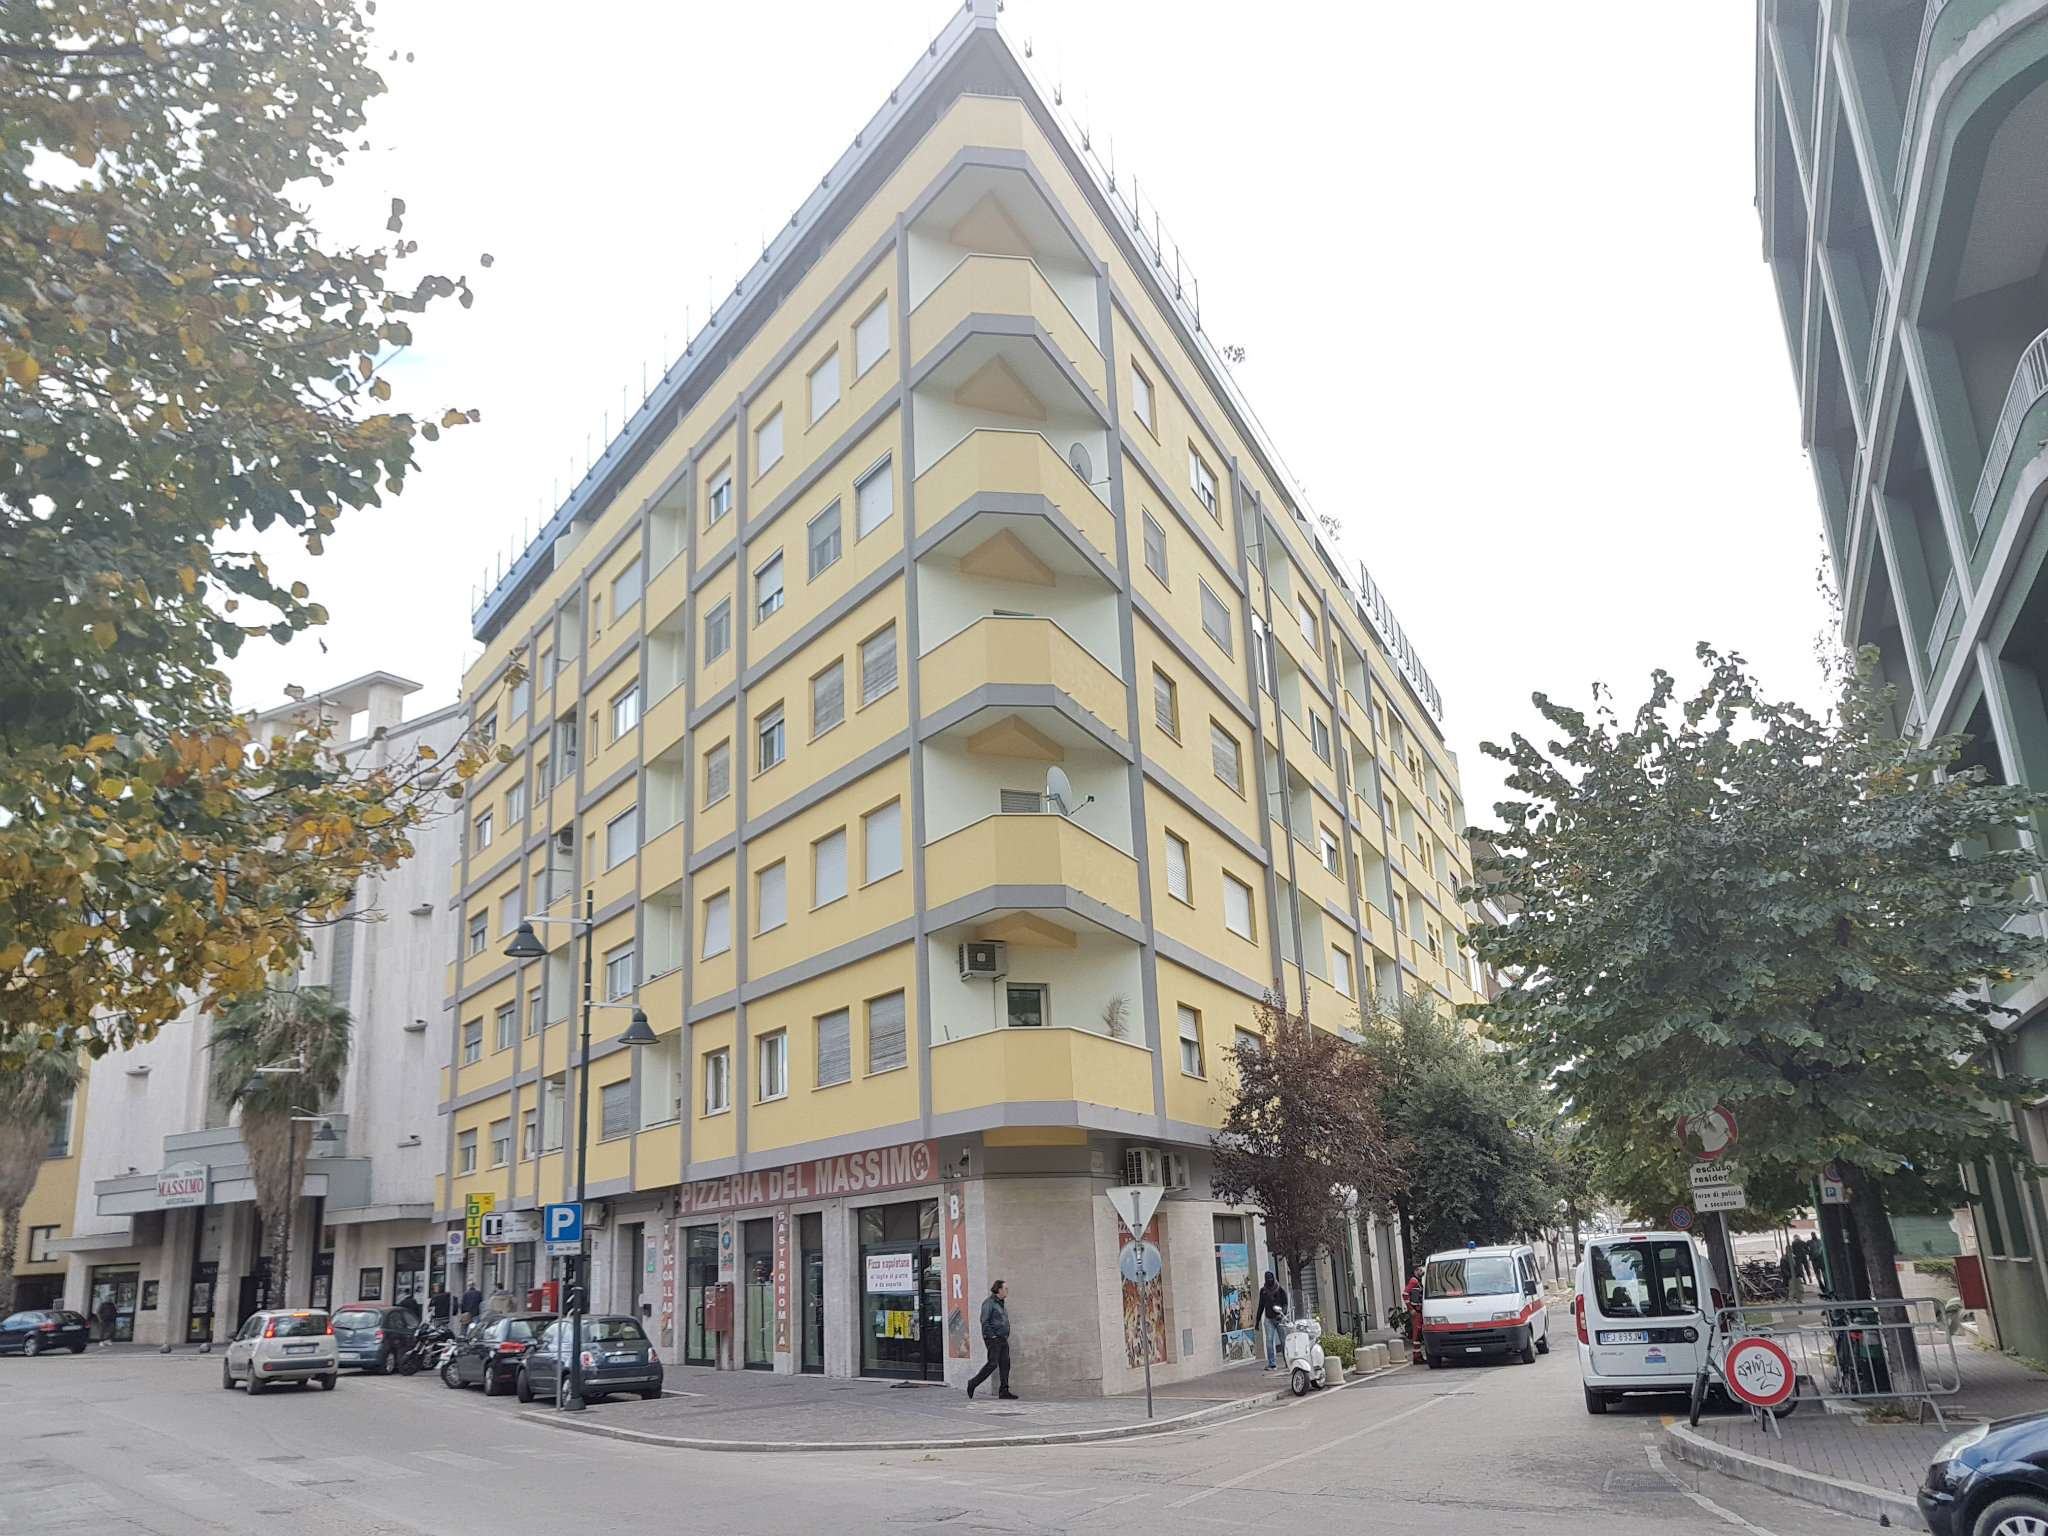 Ufficio / Studio in affitto a Pescara, 2 locali, prezzo € 900 | CambioCasa.it